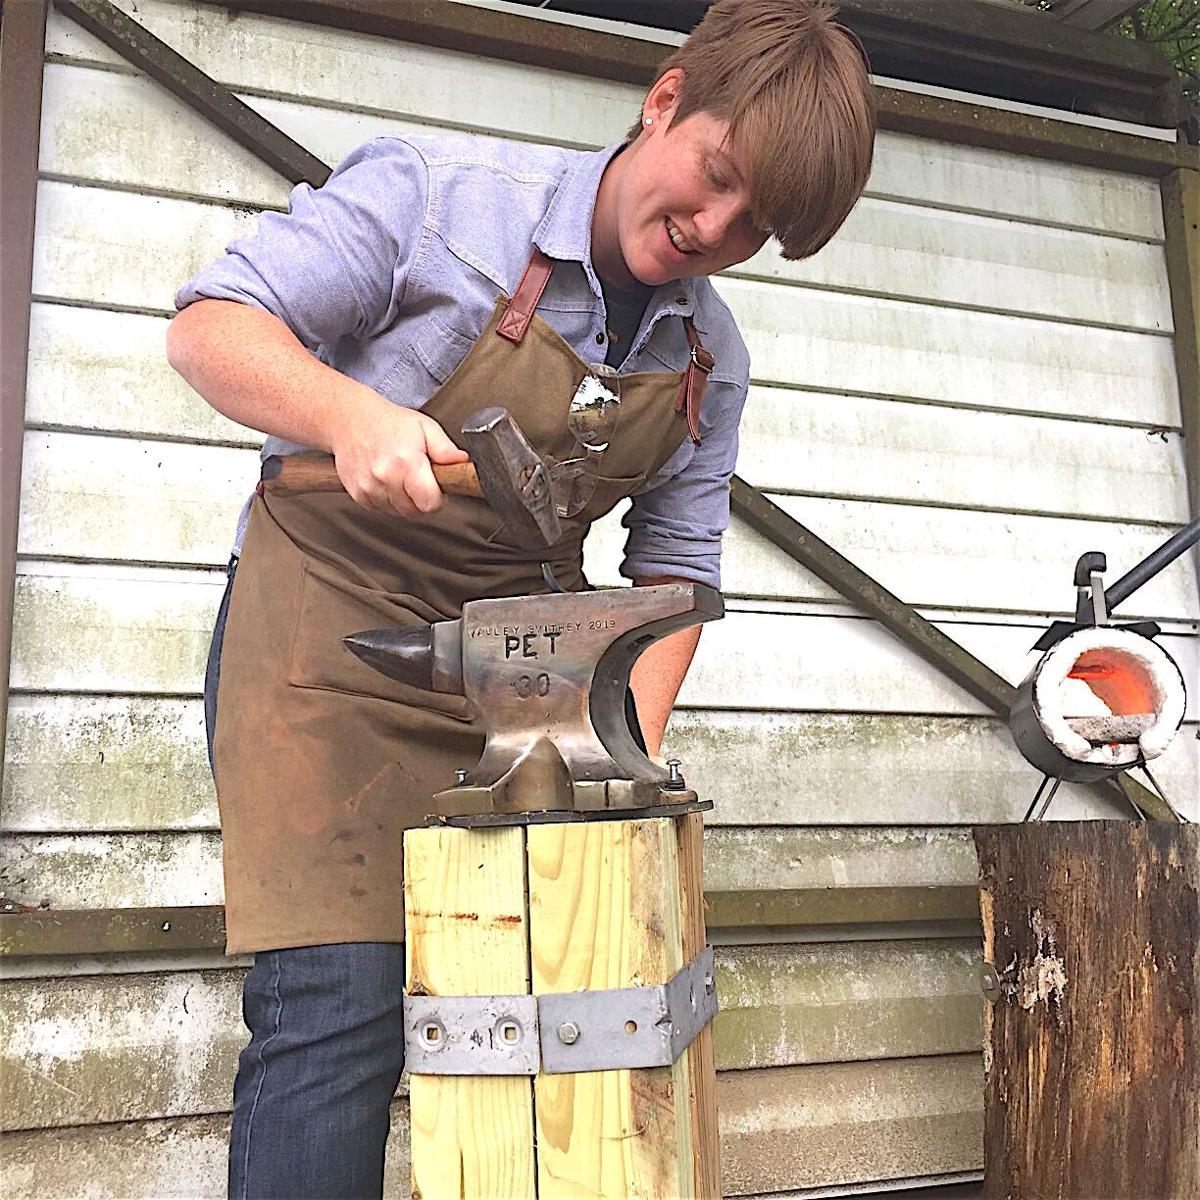 Female blacksmith breaks the mold